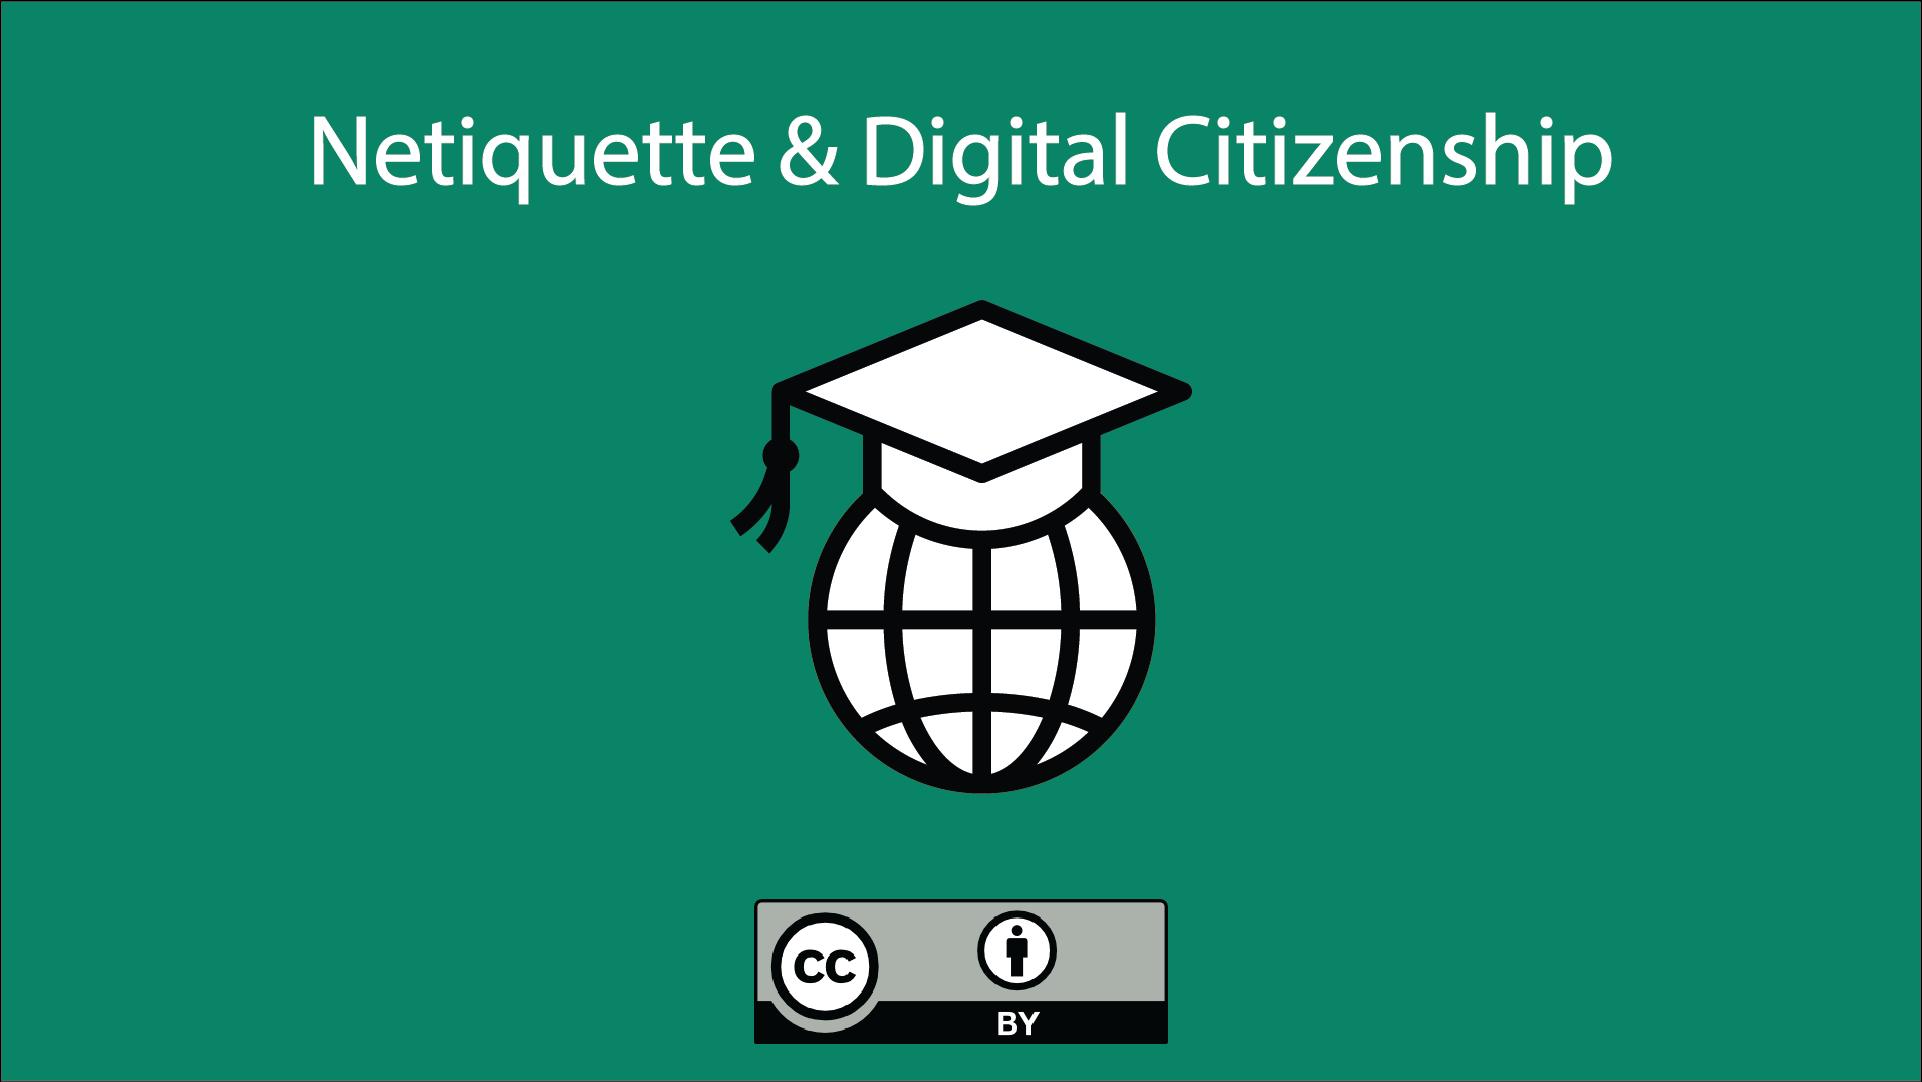 Netiquette & Digital Citizenship